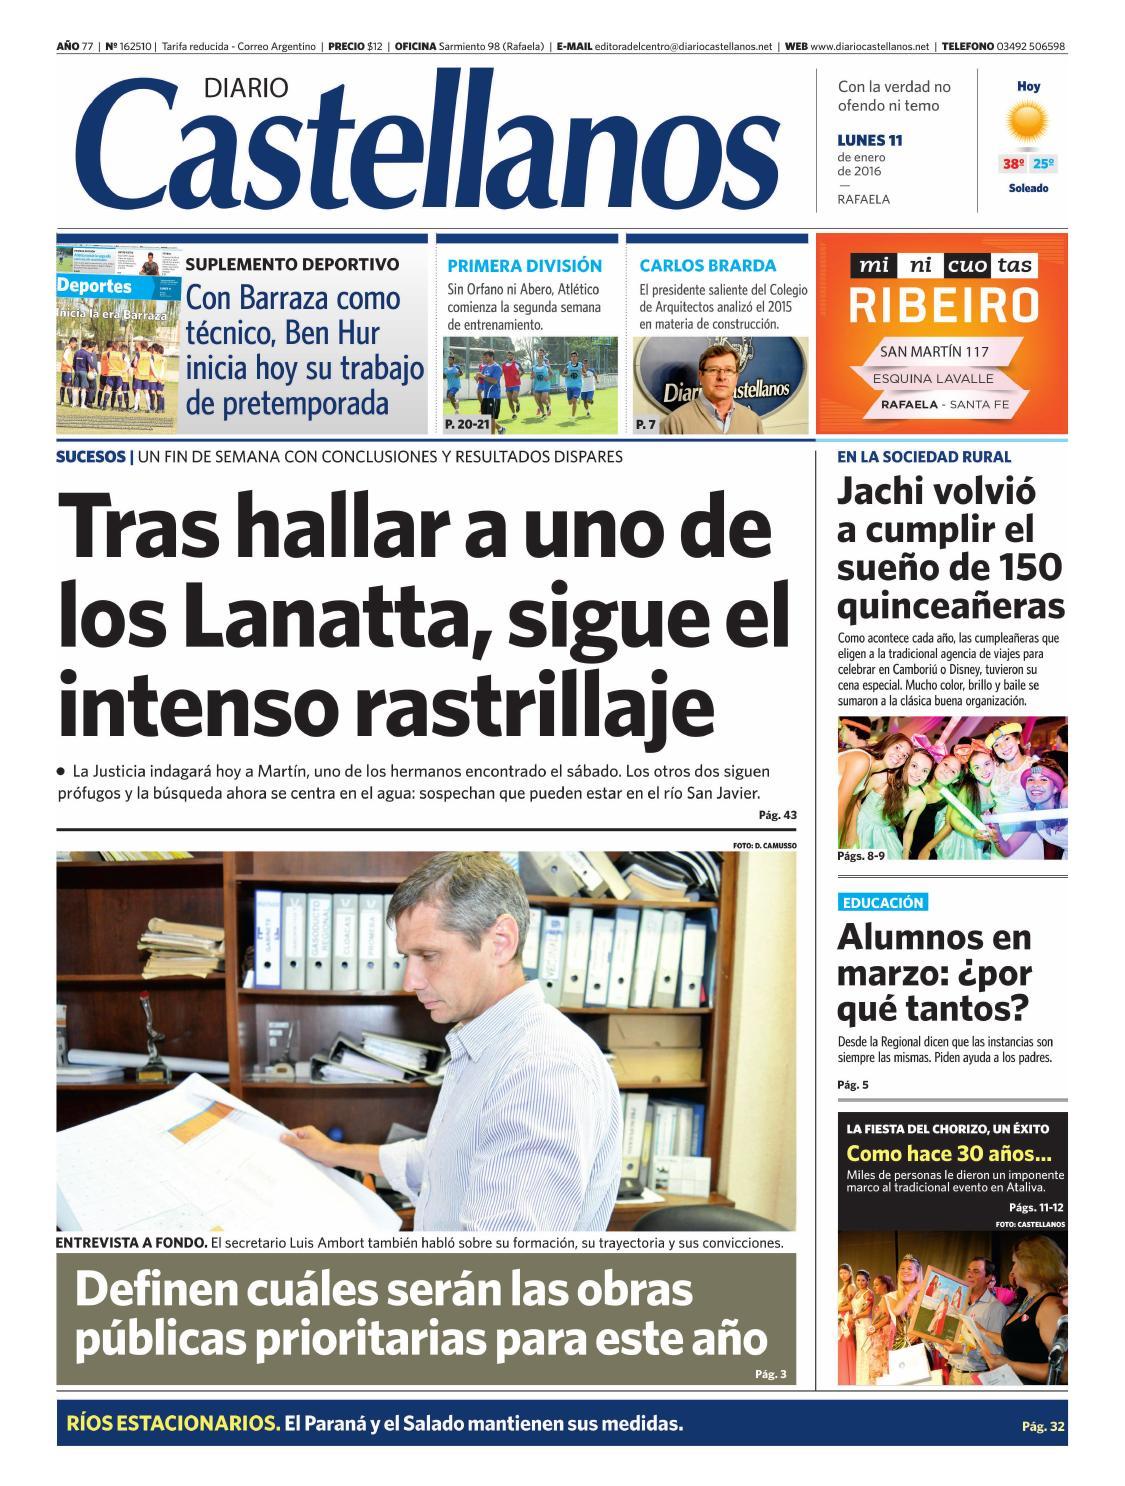 Diario Castellanos 11 01 by Diario Castellanos - issuu